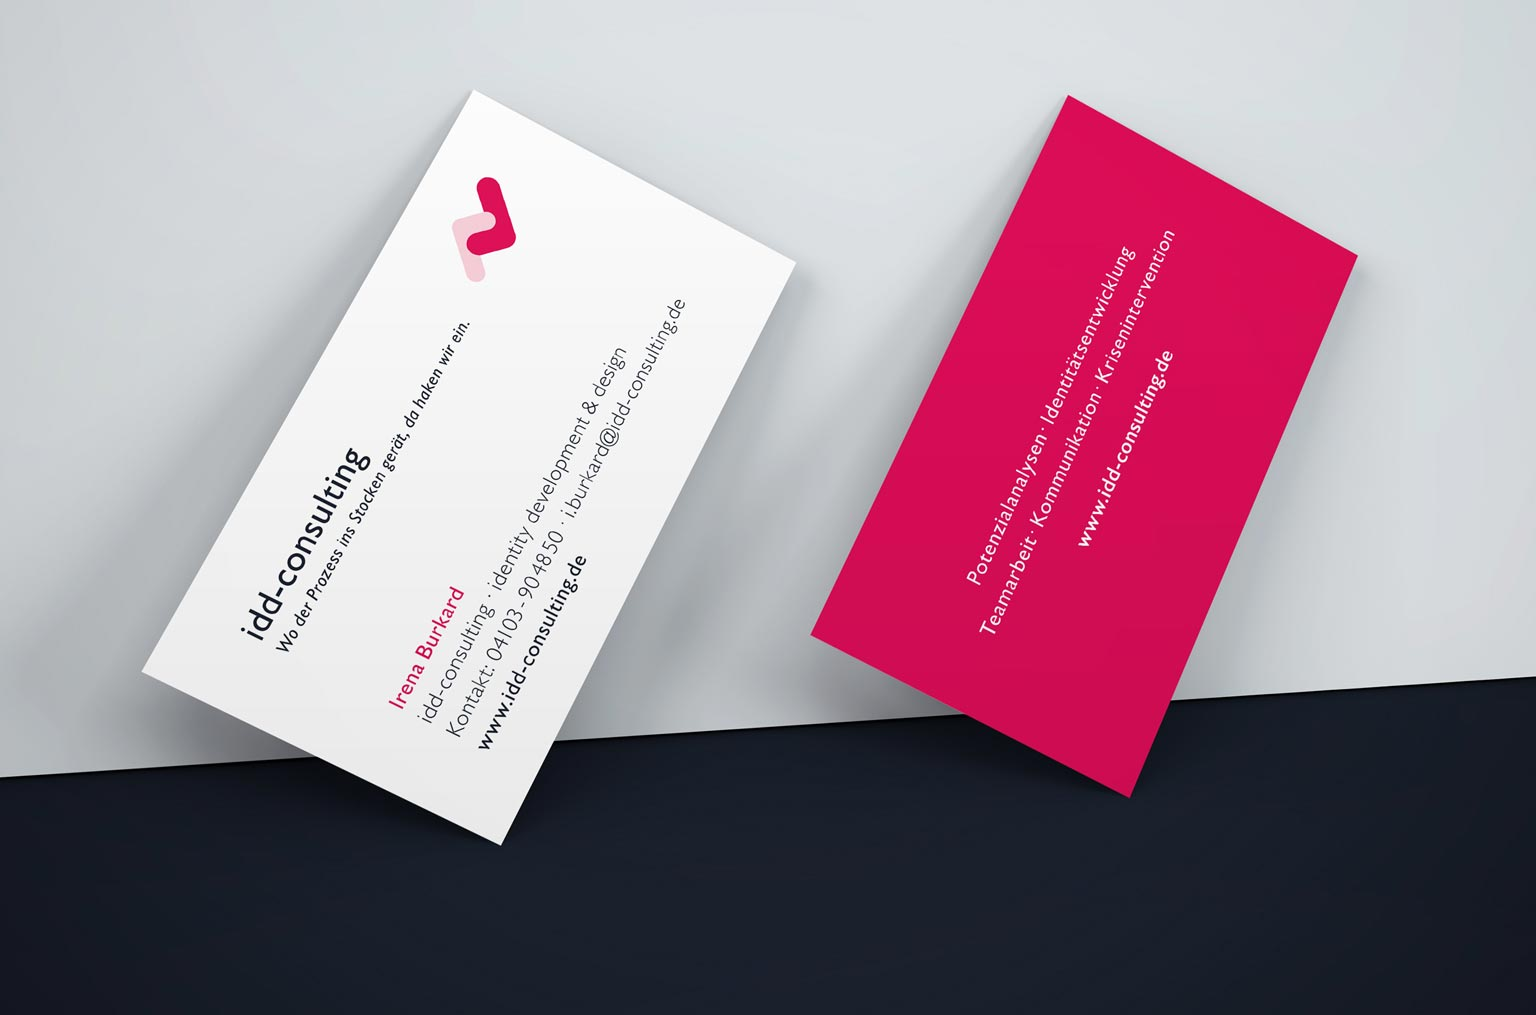 Grafikdesign, Corporate Design, Segeberg, Lübeck, Hamburg, Schleswig-Holstein